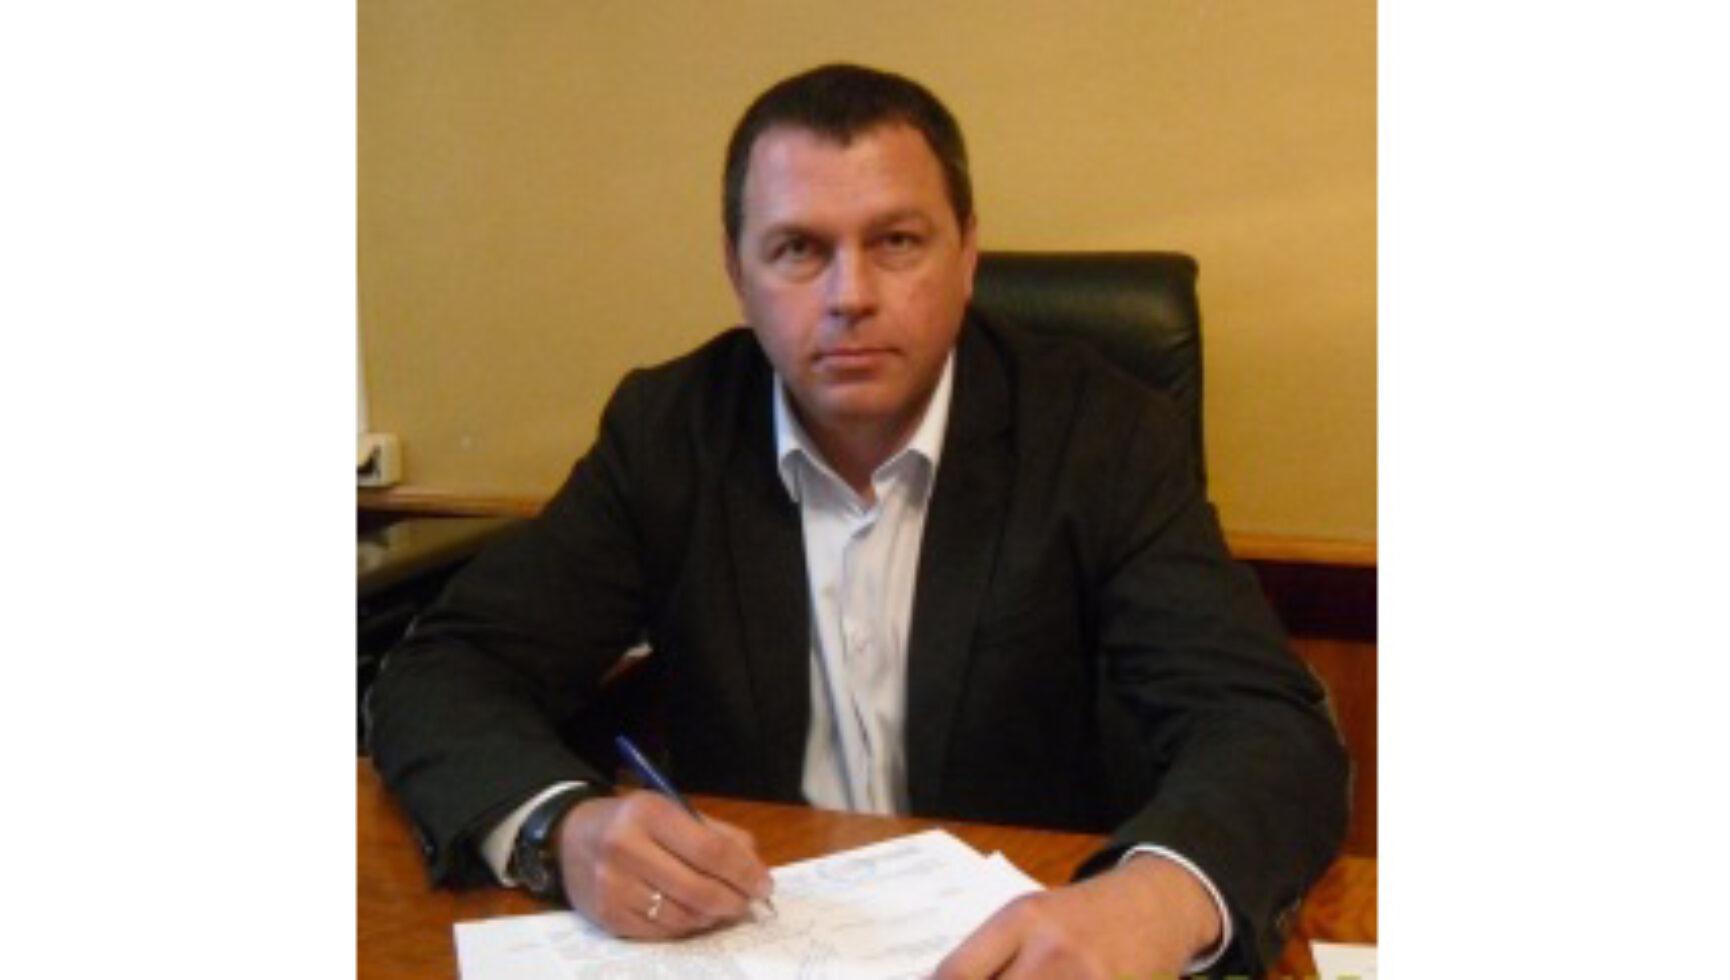 Поздравляем Овчаренко Алексея Евгеньевича, главу администрации муниципального образования Воскресенское Дубенского района, с Днем рождения!